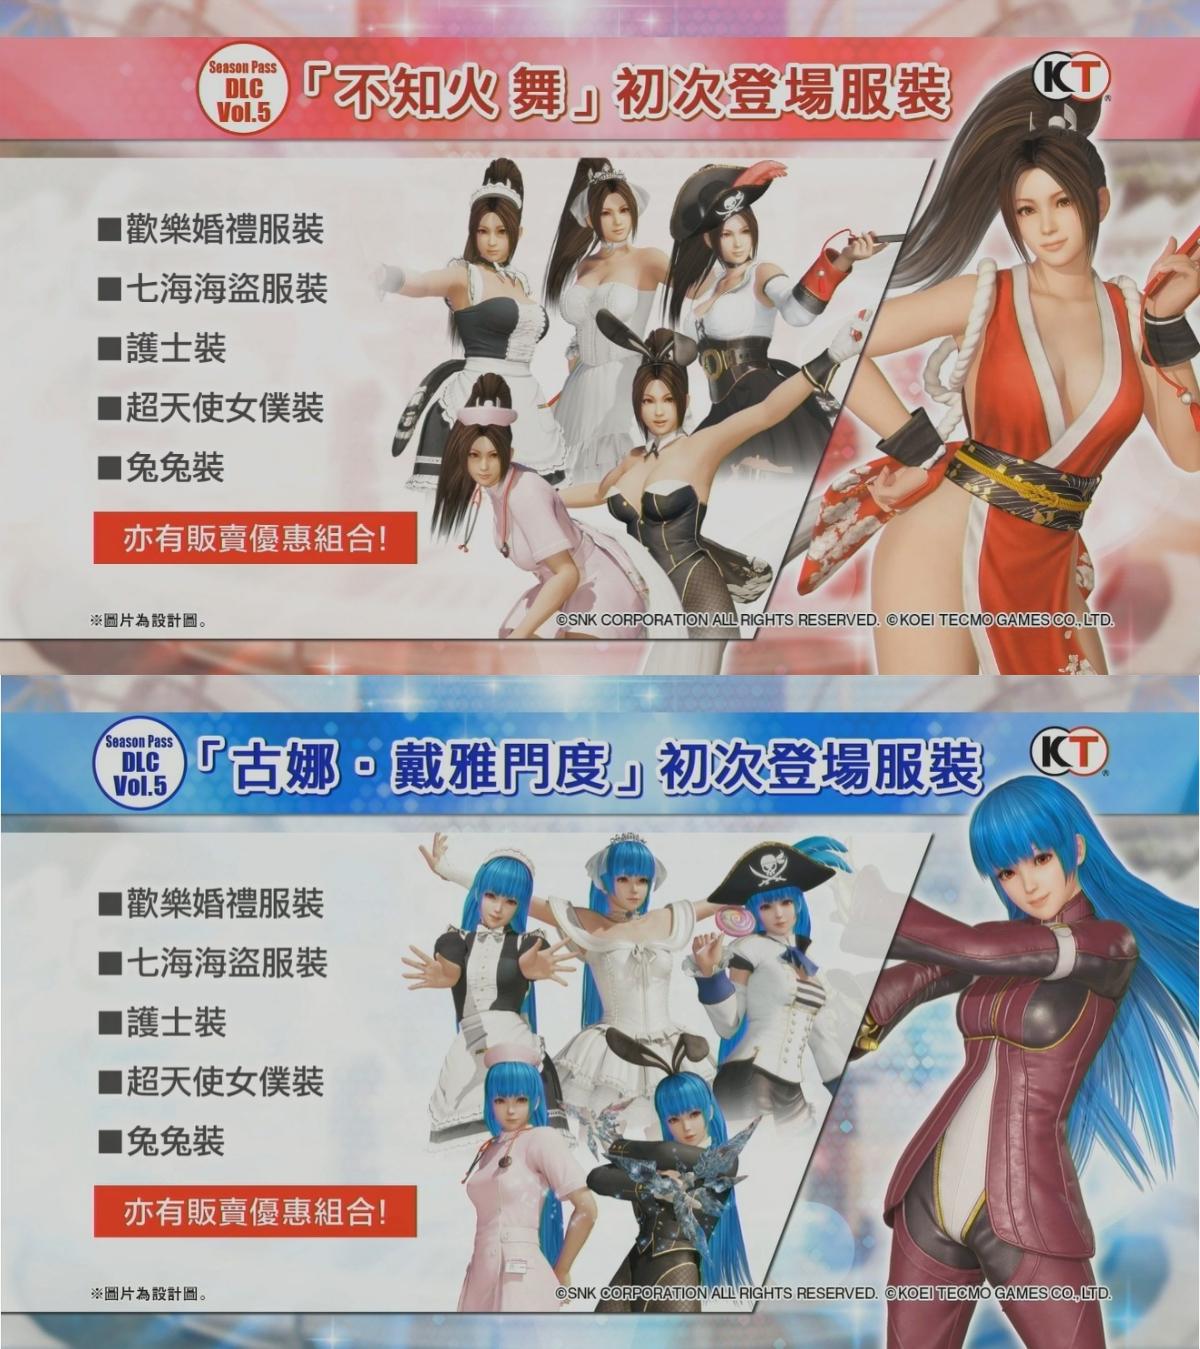 兩位女角也將首發推出5種套裝供玩家選購。